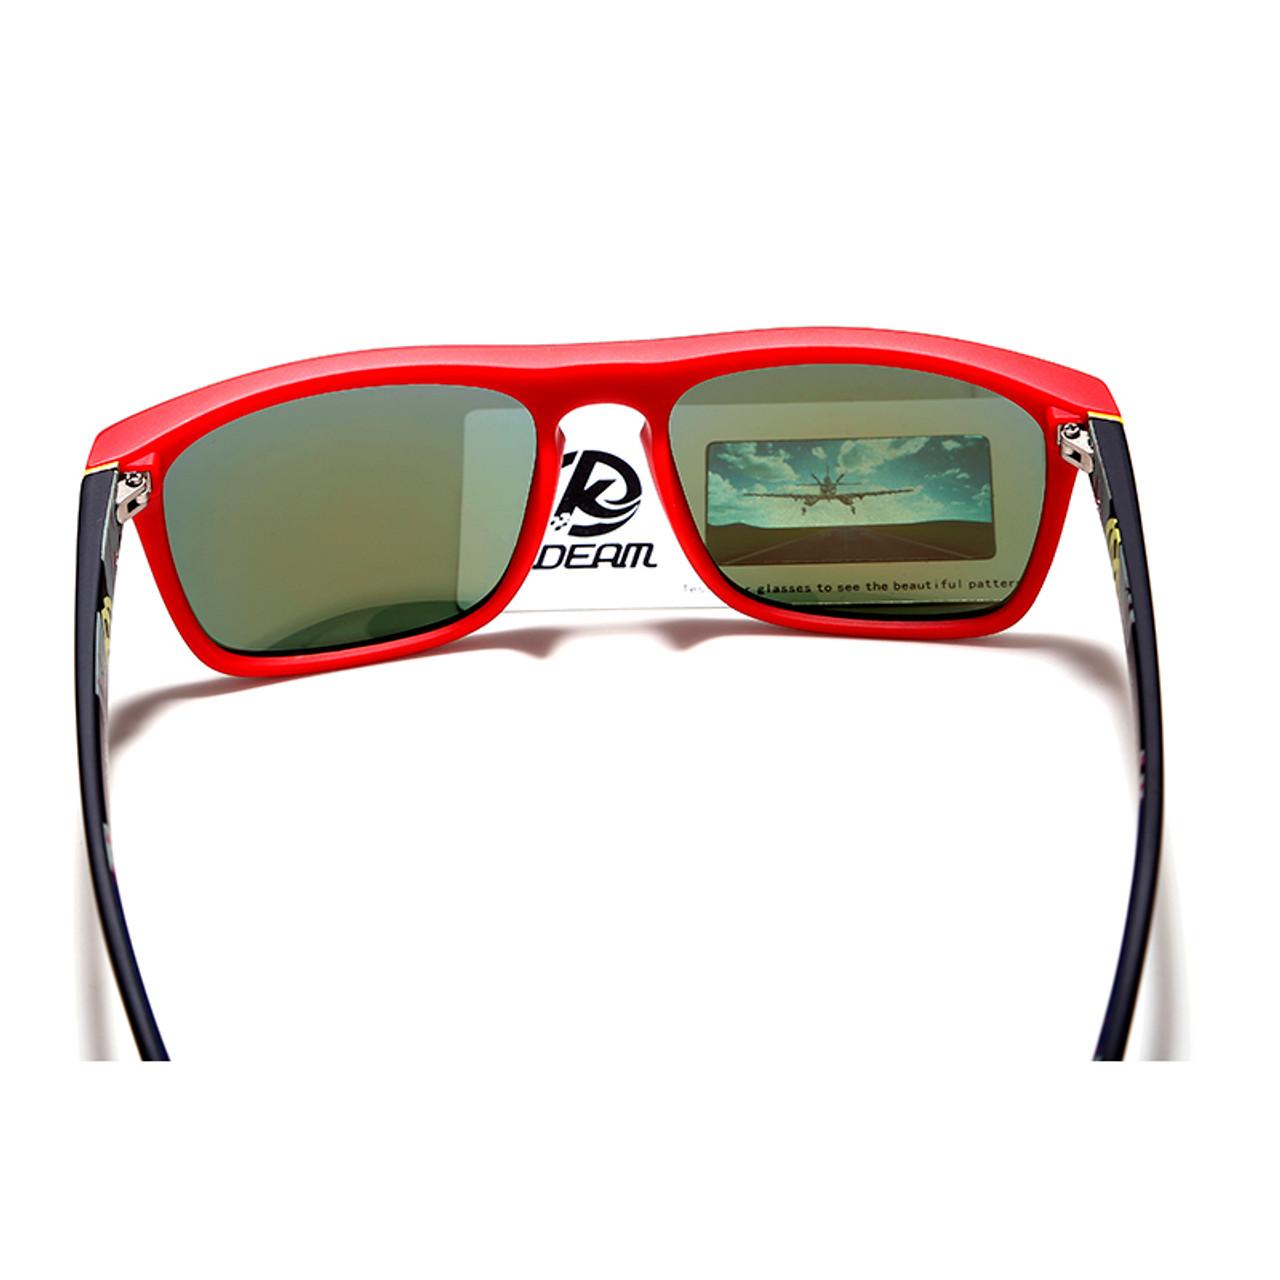 cc83e4e2bc ... Fashion Guy s Sun Glasses From Kdeam Polarized Sunglasses Men Classic  Design All-Fit Mirror Sunglass ...